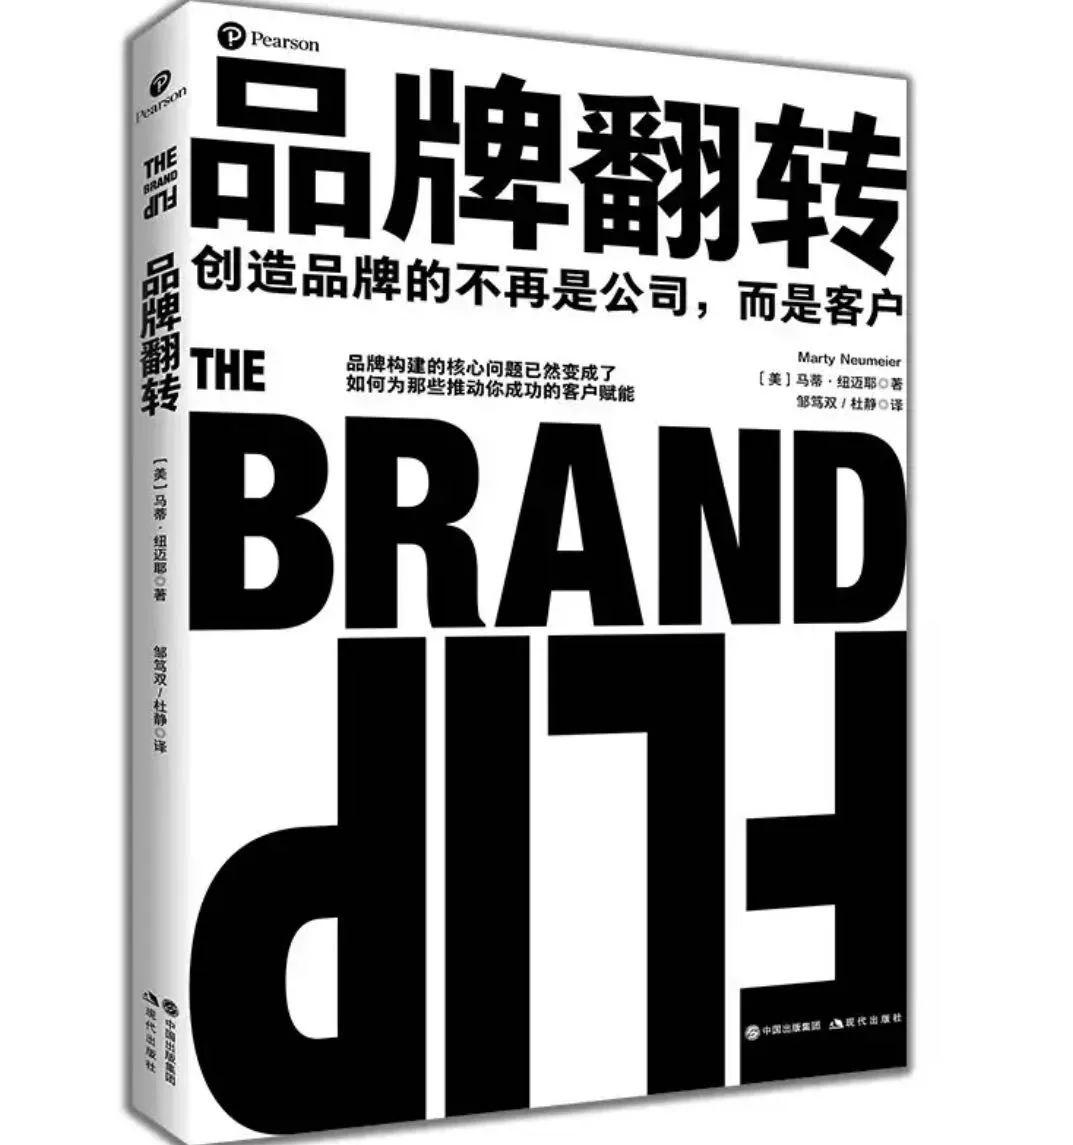 品牌营销人的假期书单推荐 时光笔记簿